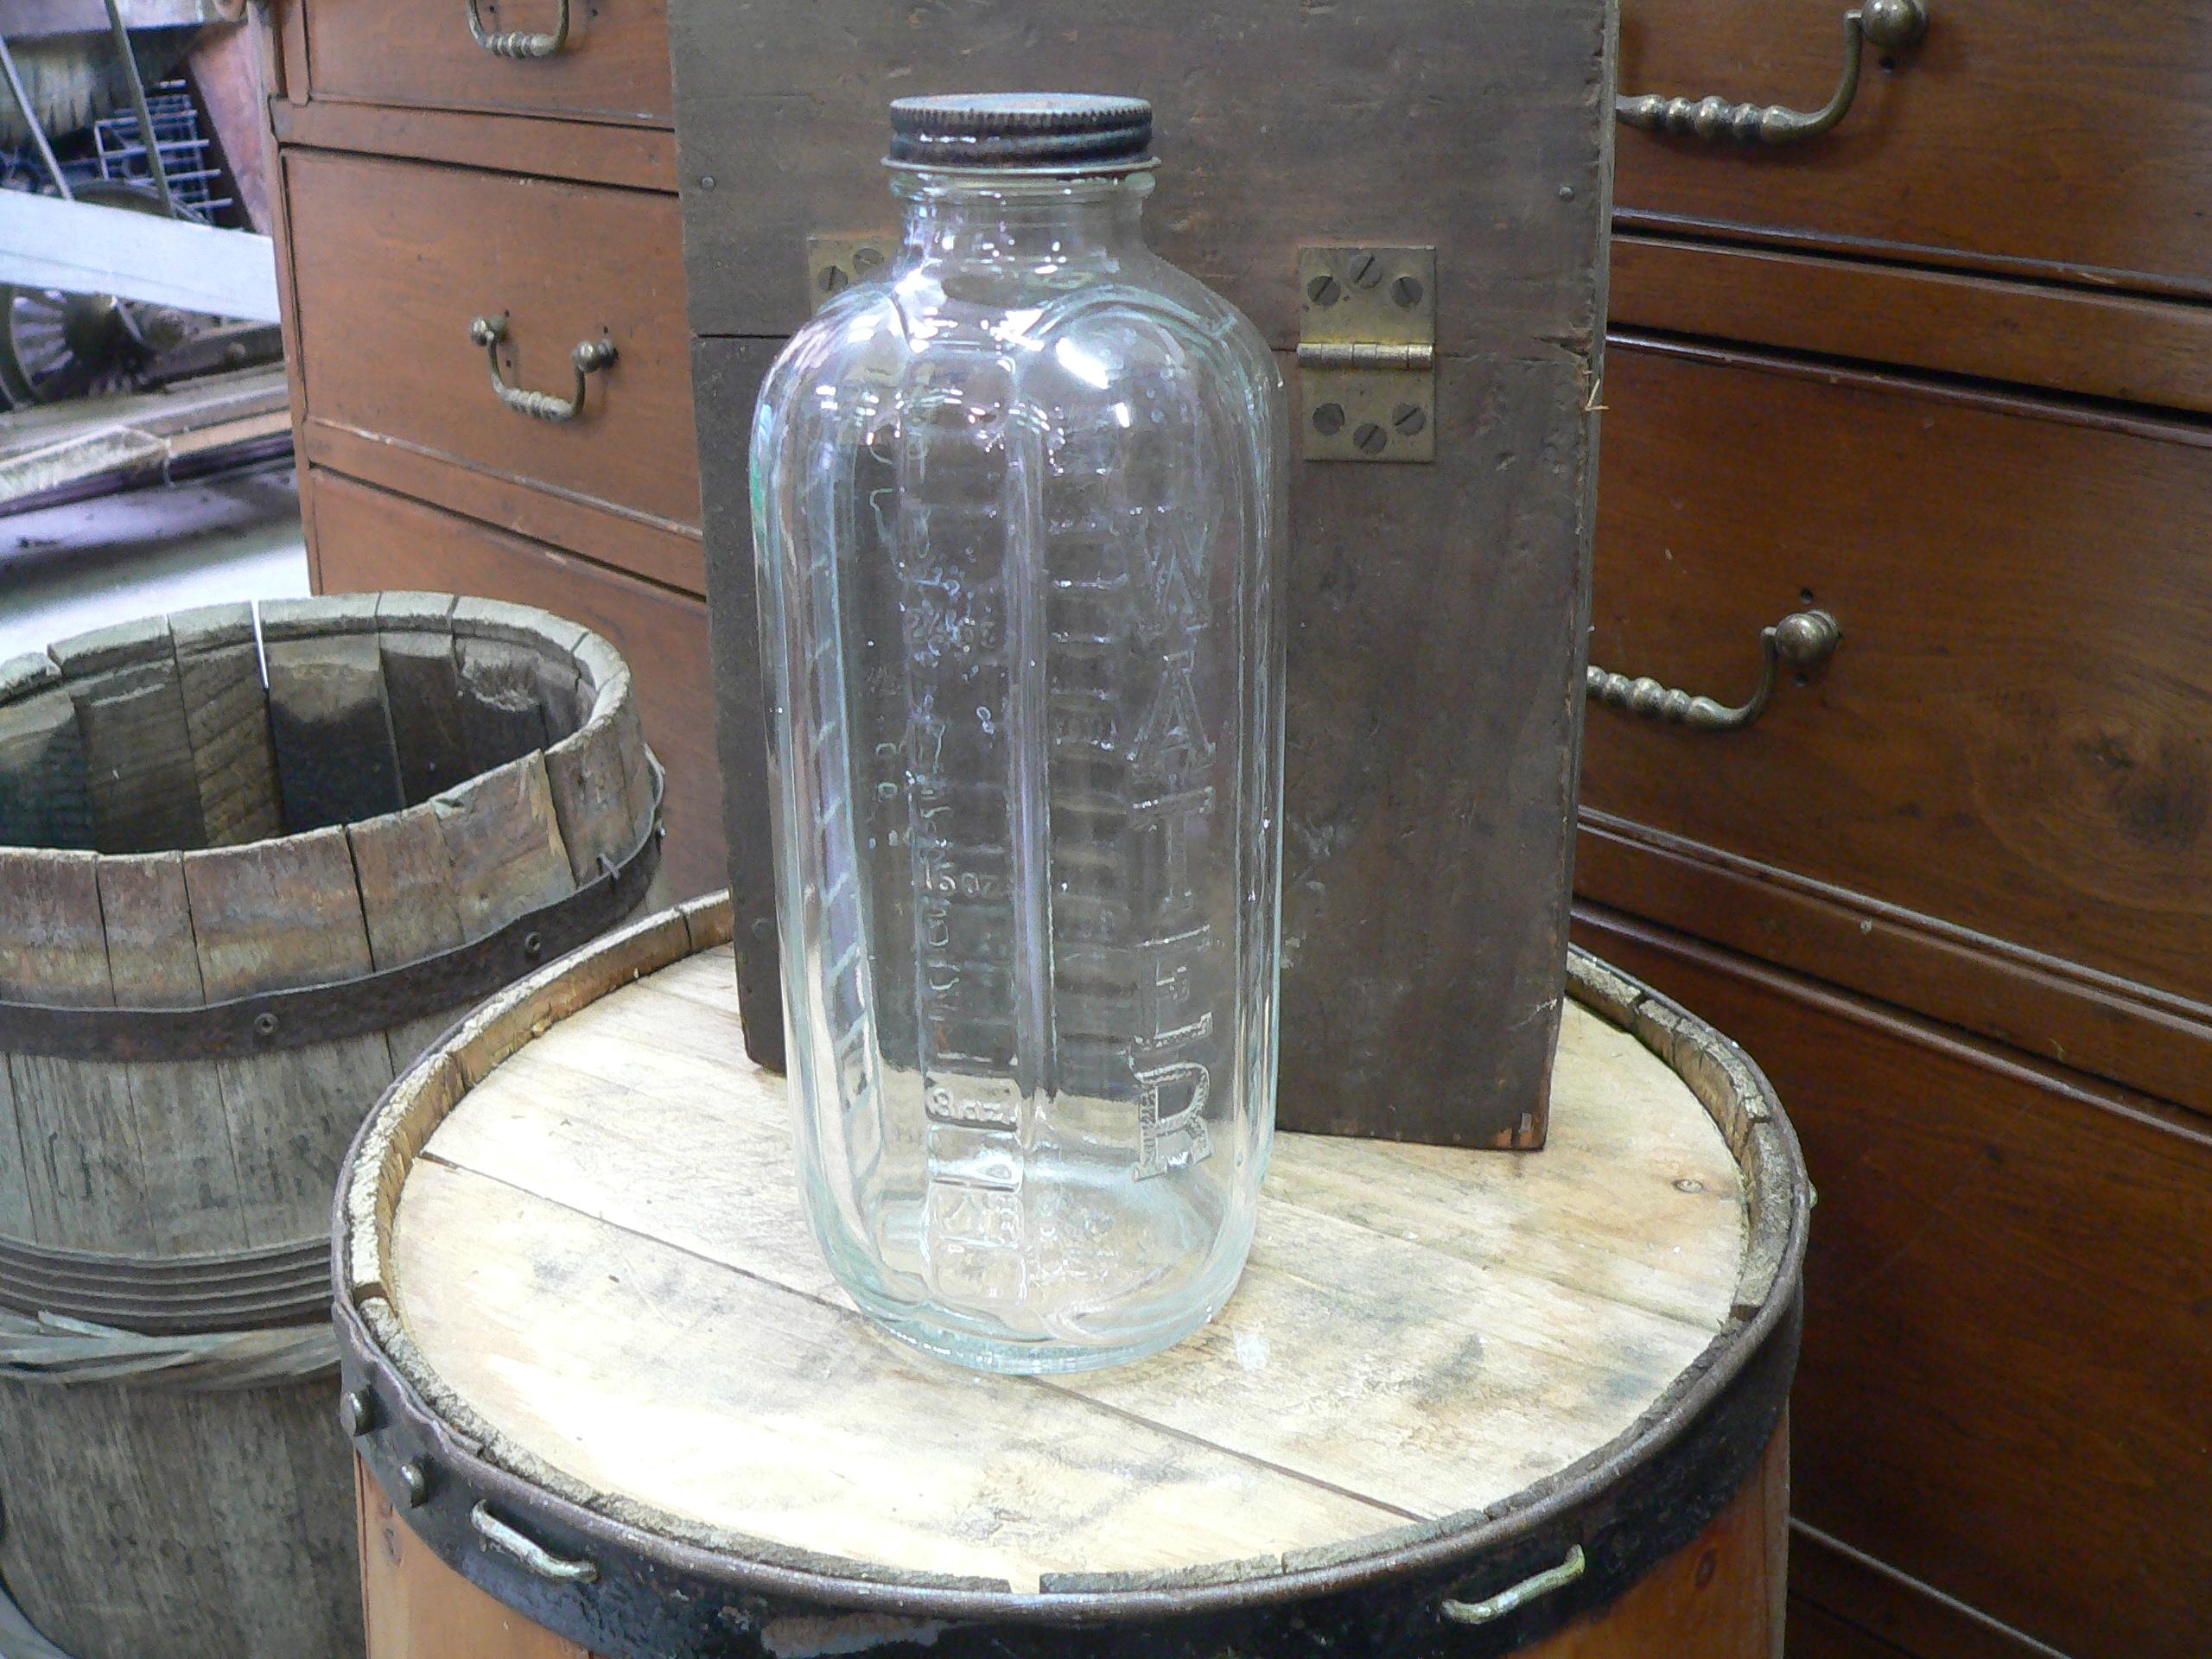 Bouteille d'eau ou de jus # 4824.18